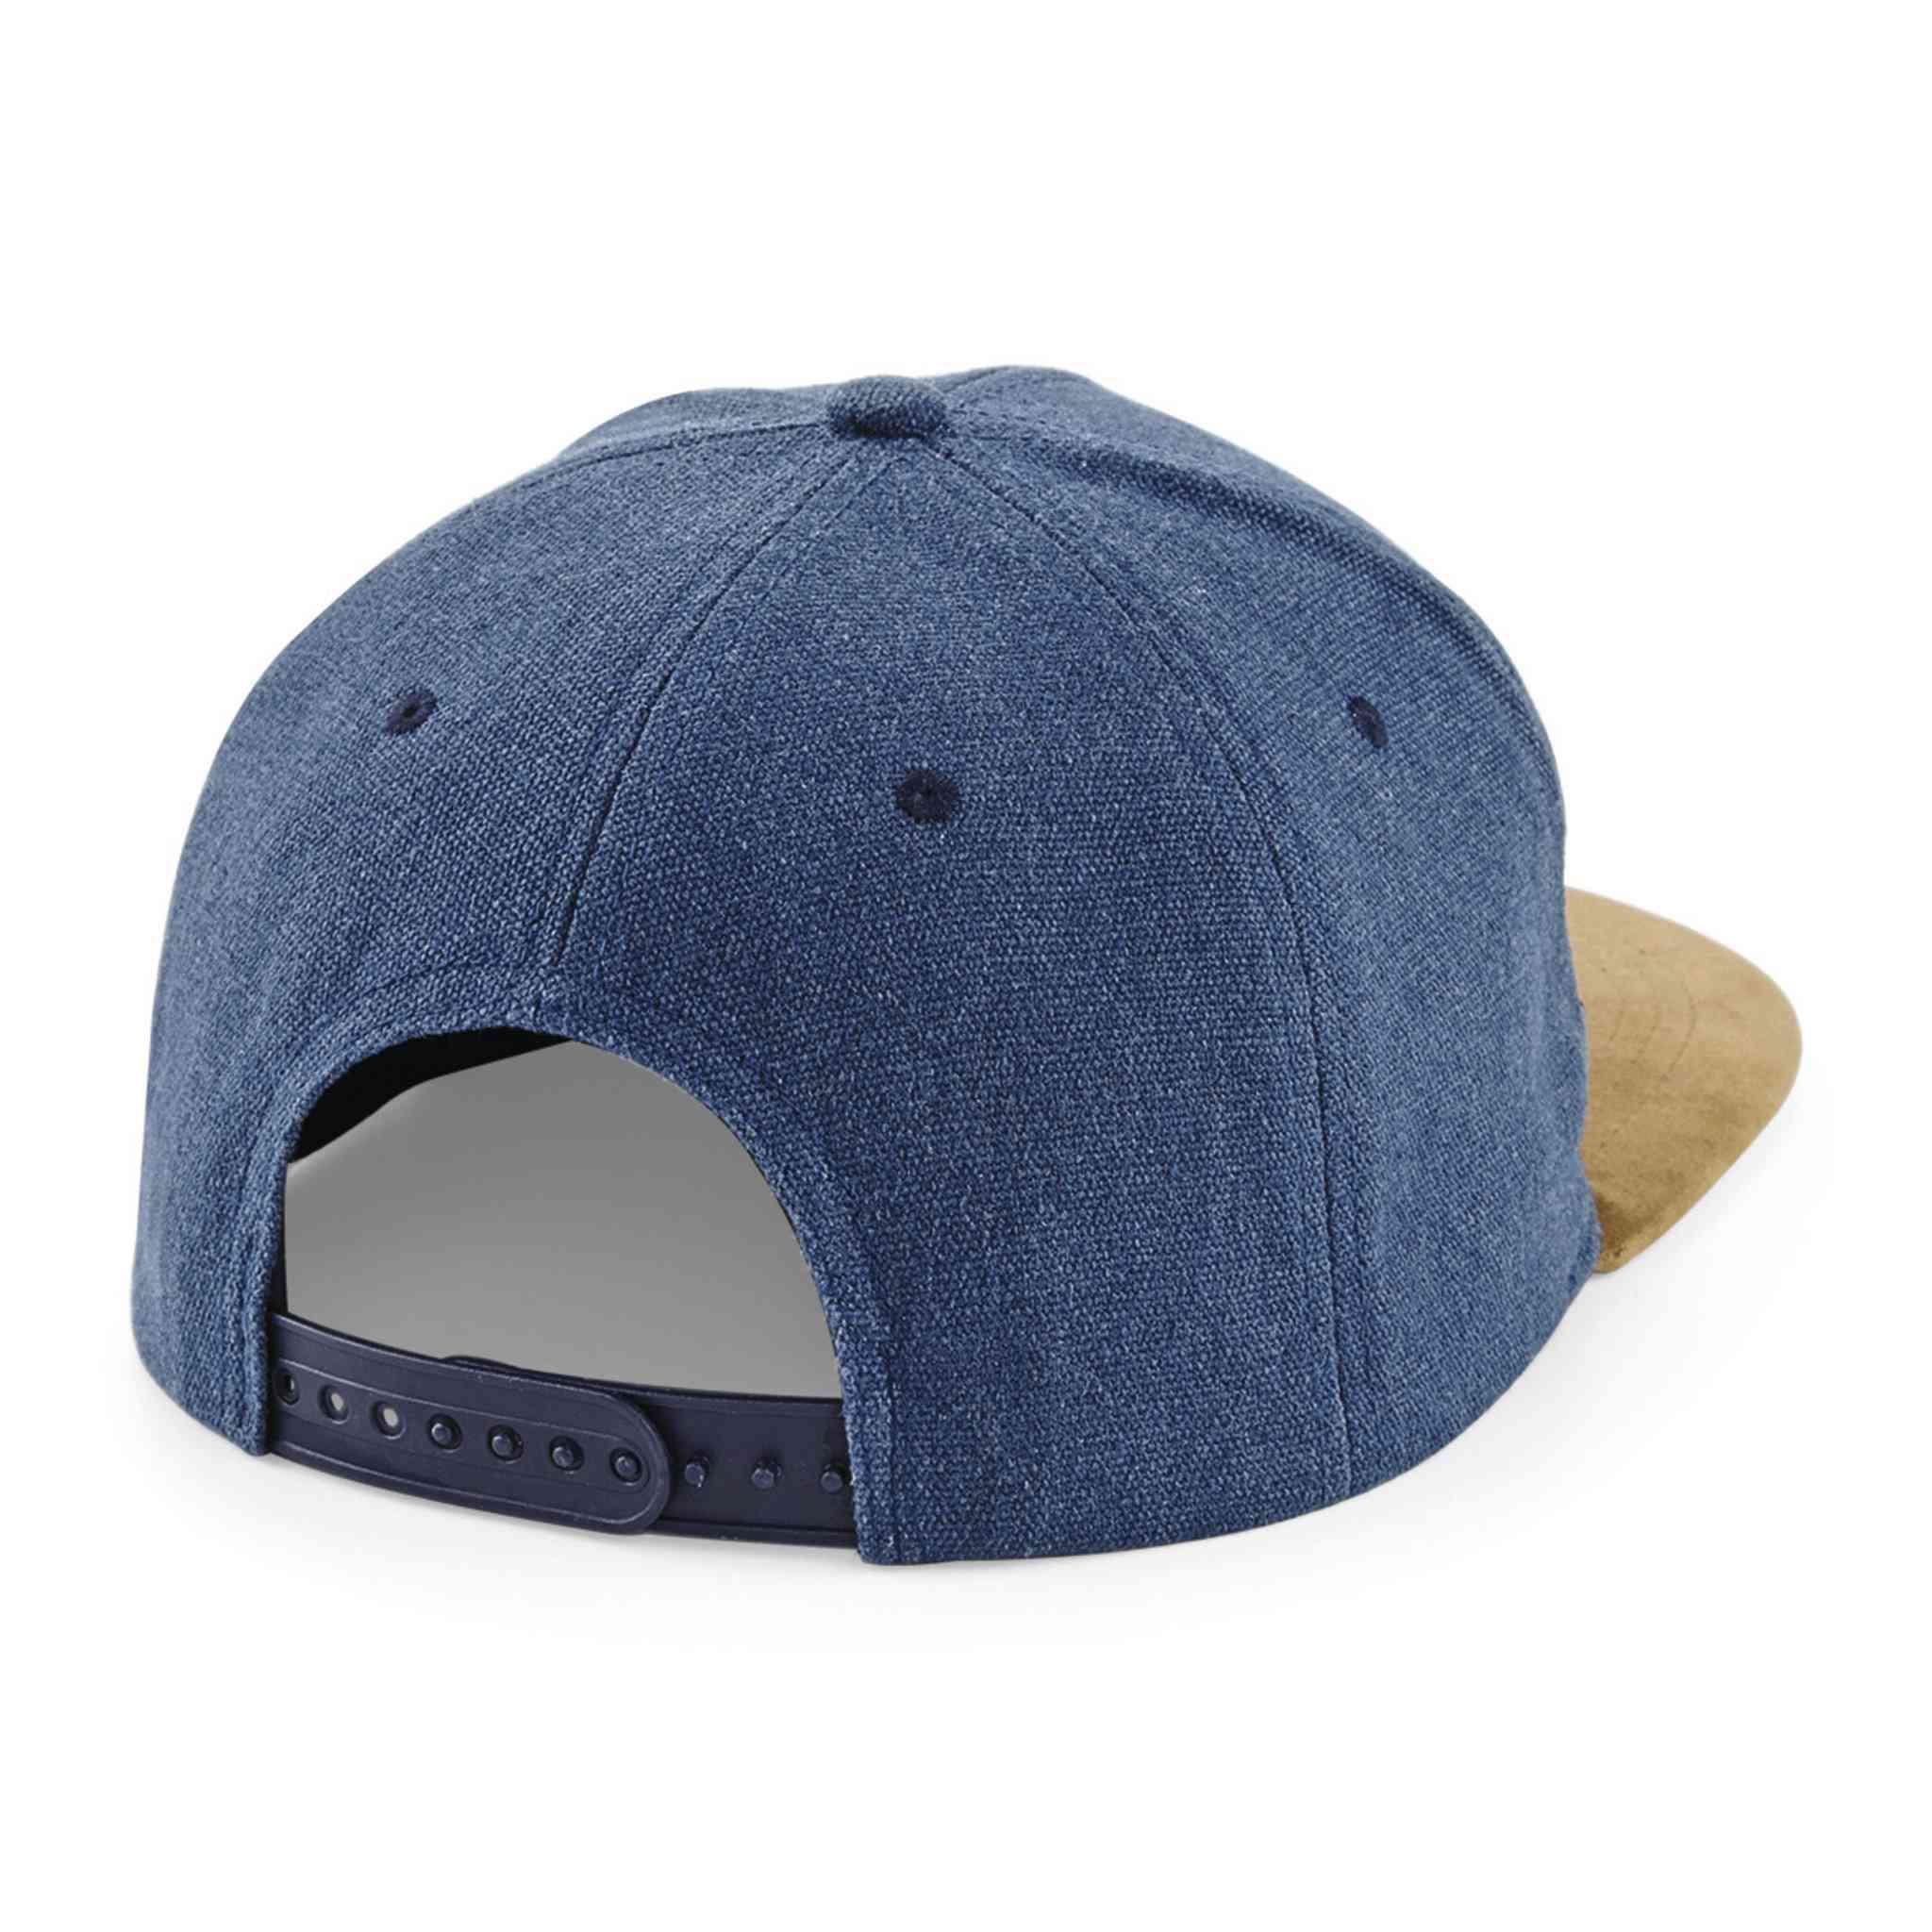 Casquette promotionnelle Snapback - casquette publicitaire